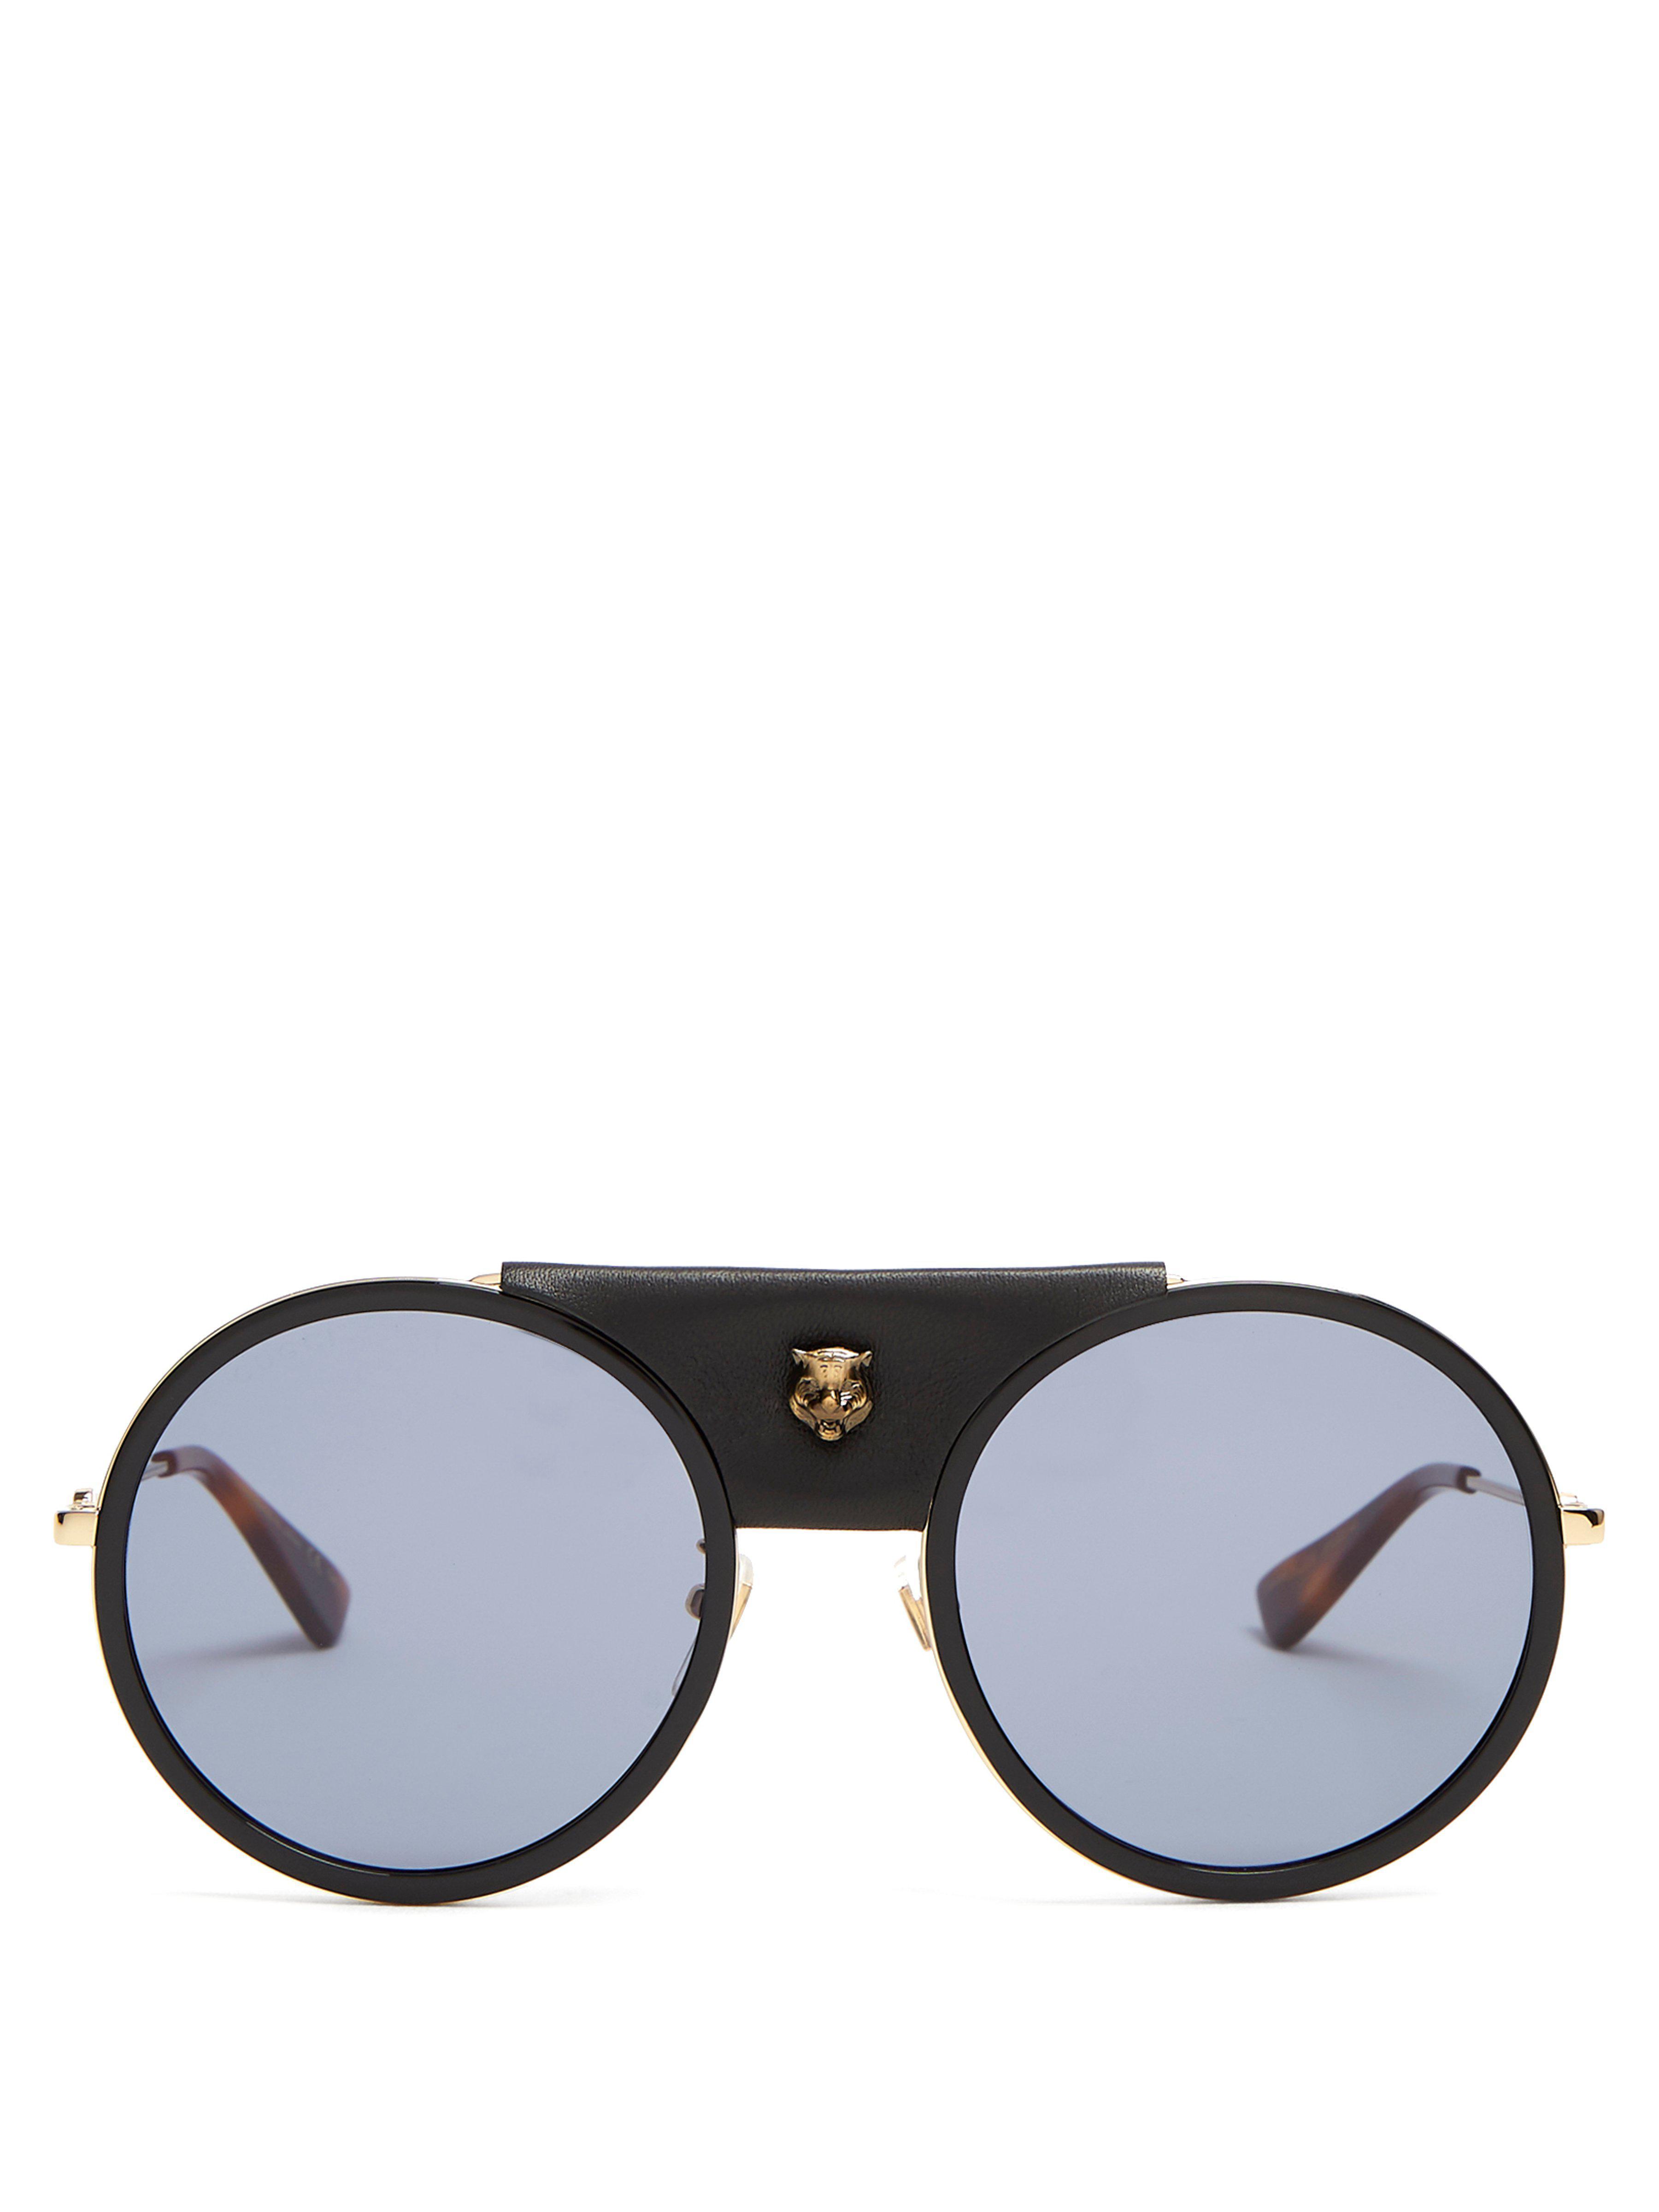 Lyst - Lunettes de soleil rondes en métal finitions cuir Gucci pour ... 4d2421139a12